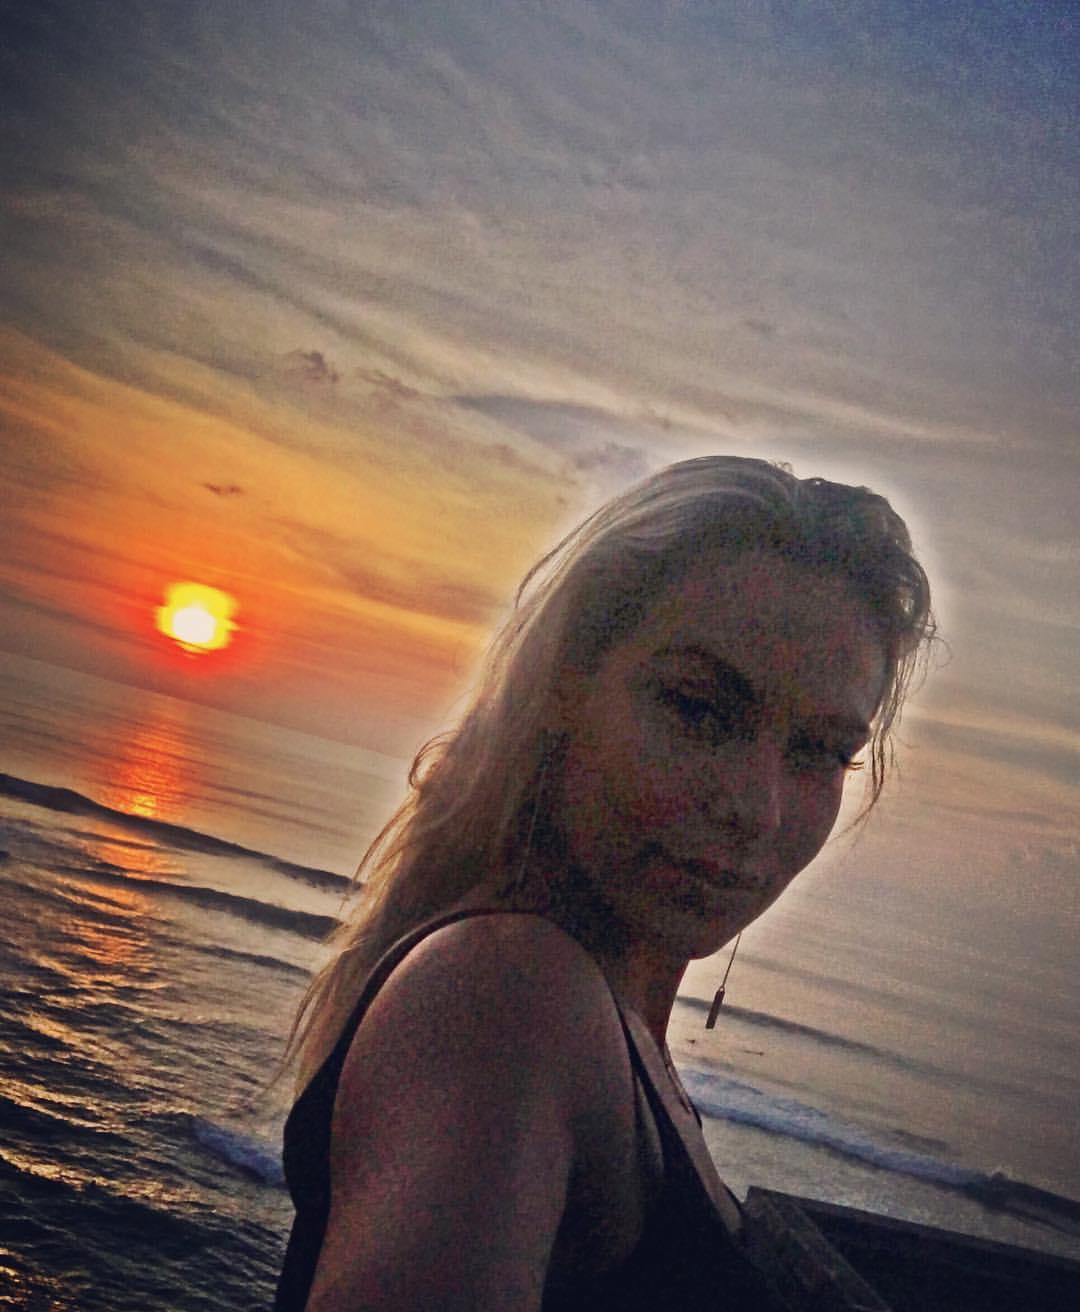 Марина Григорьева-Апполонова (Банкова): биография, личная жизнь, муж, дети